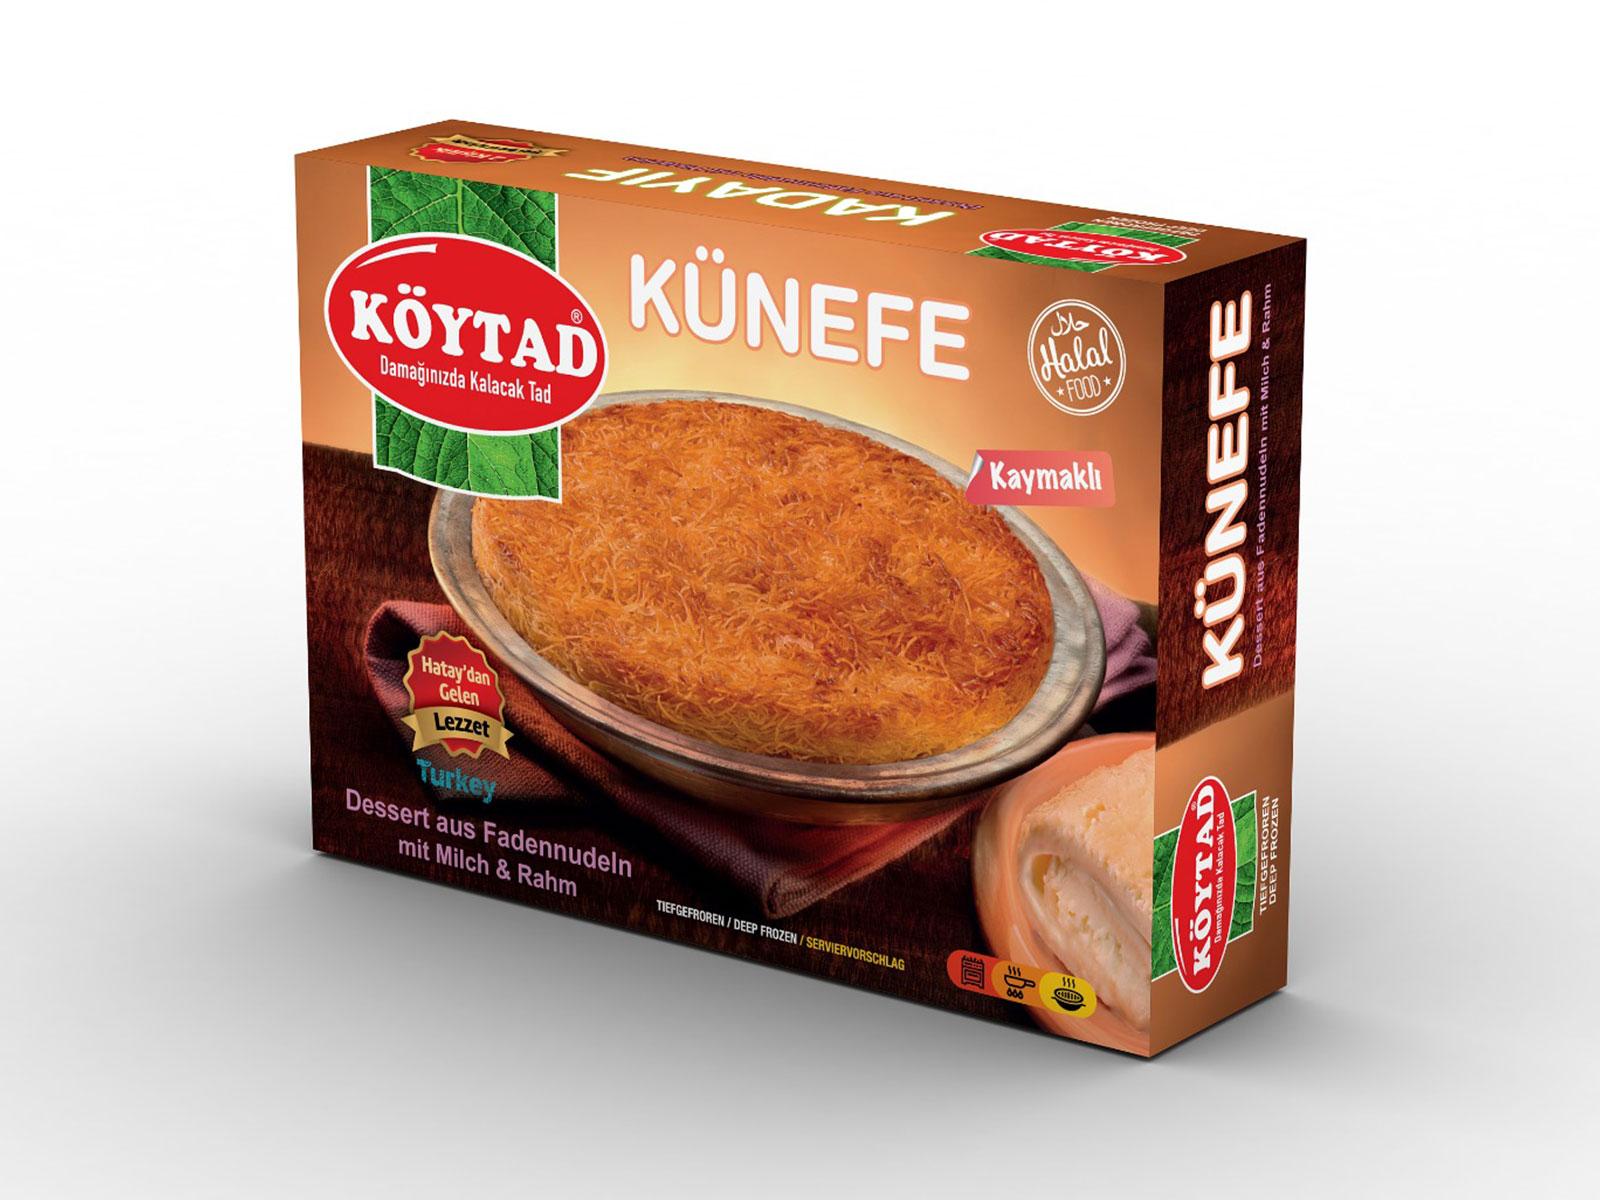 Kuenefe-mit-Milch-und-Rahm-Koytad-3D